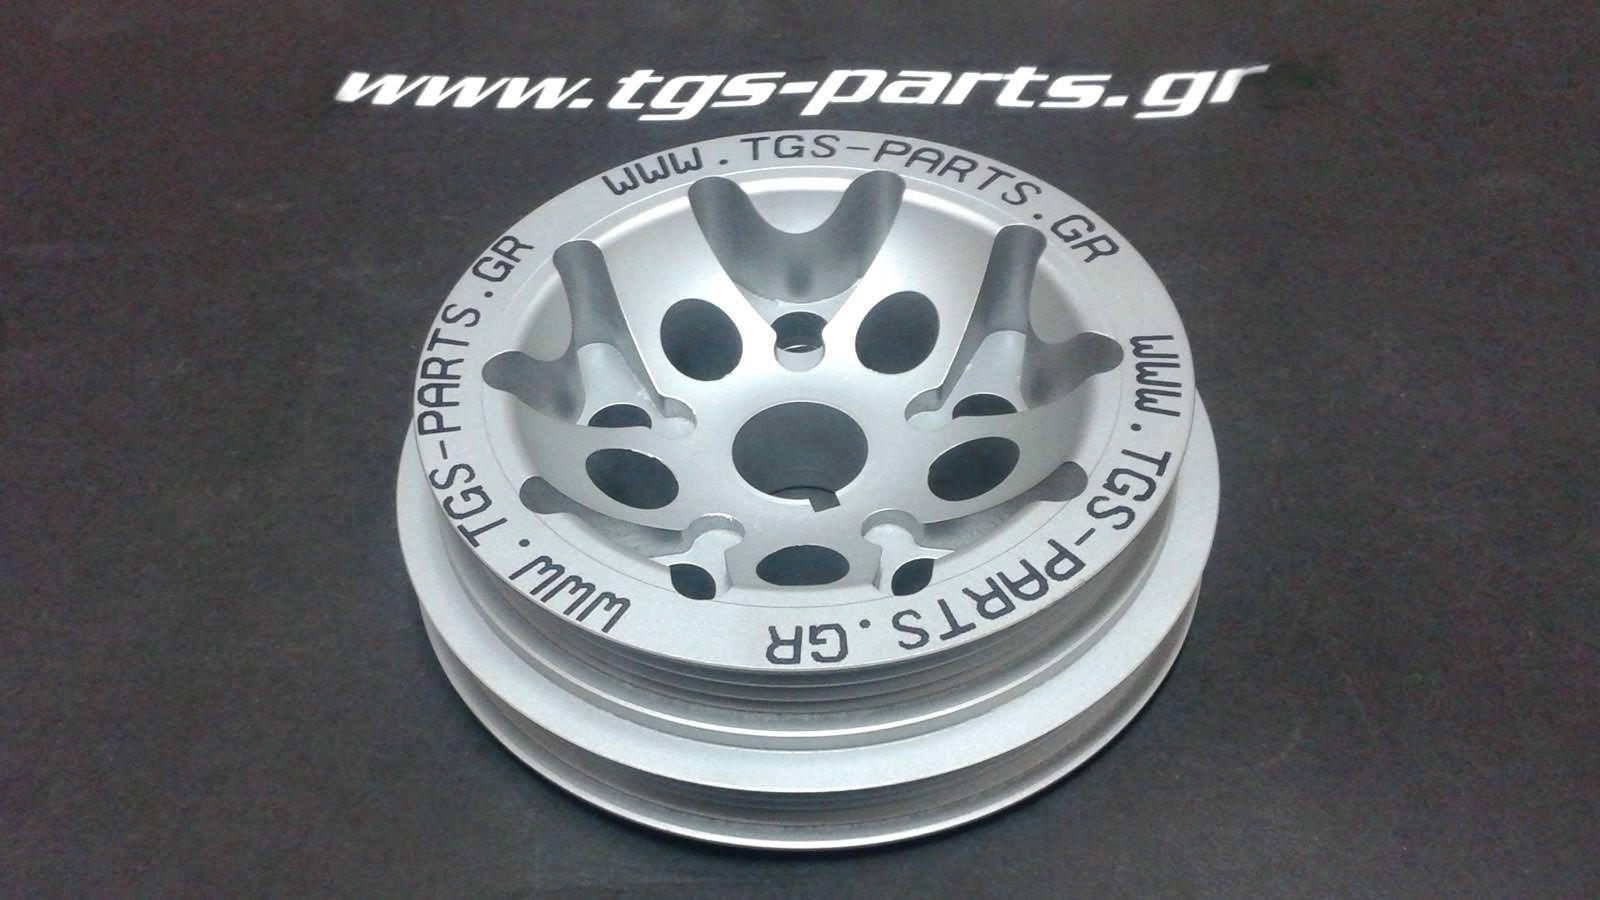 τροχαλίες μετάδοσης κίνησης αλουμινίου αυτοκινήτου tgs-parts